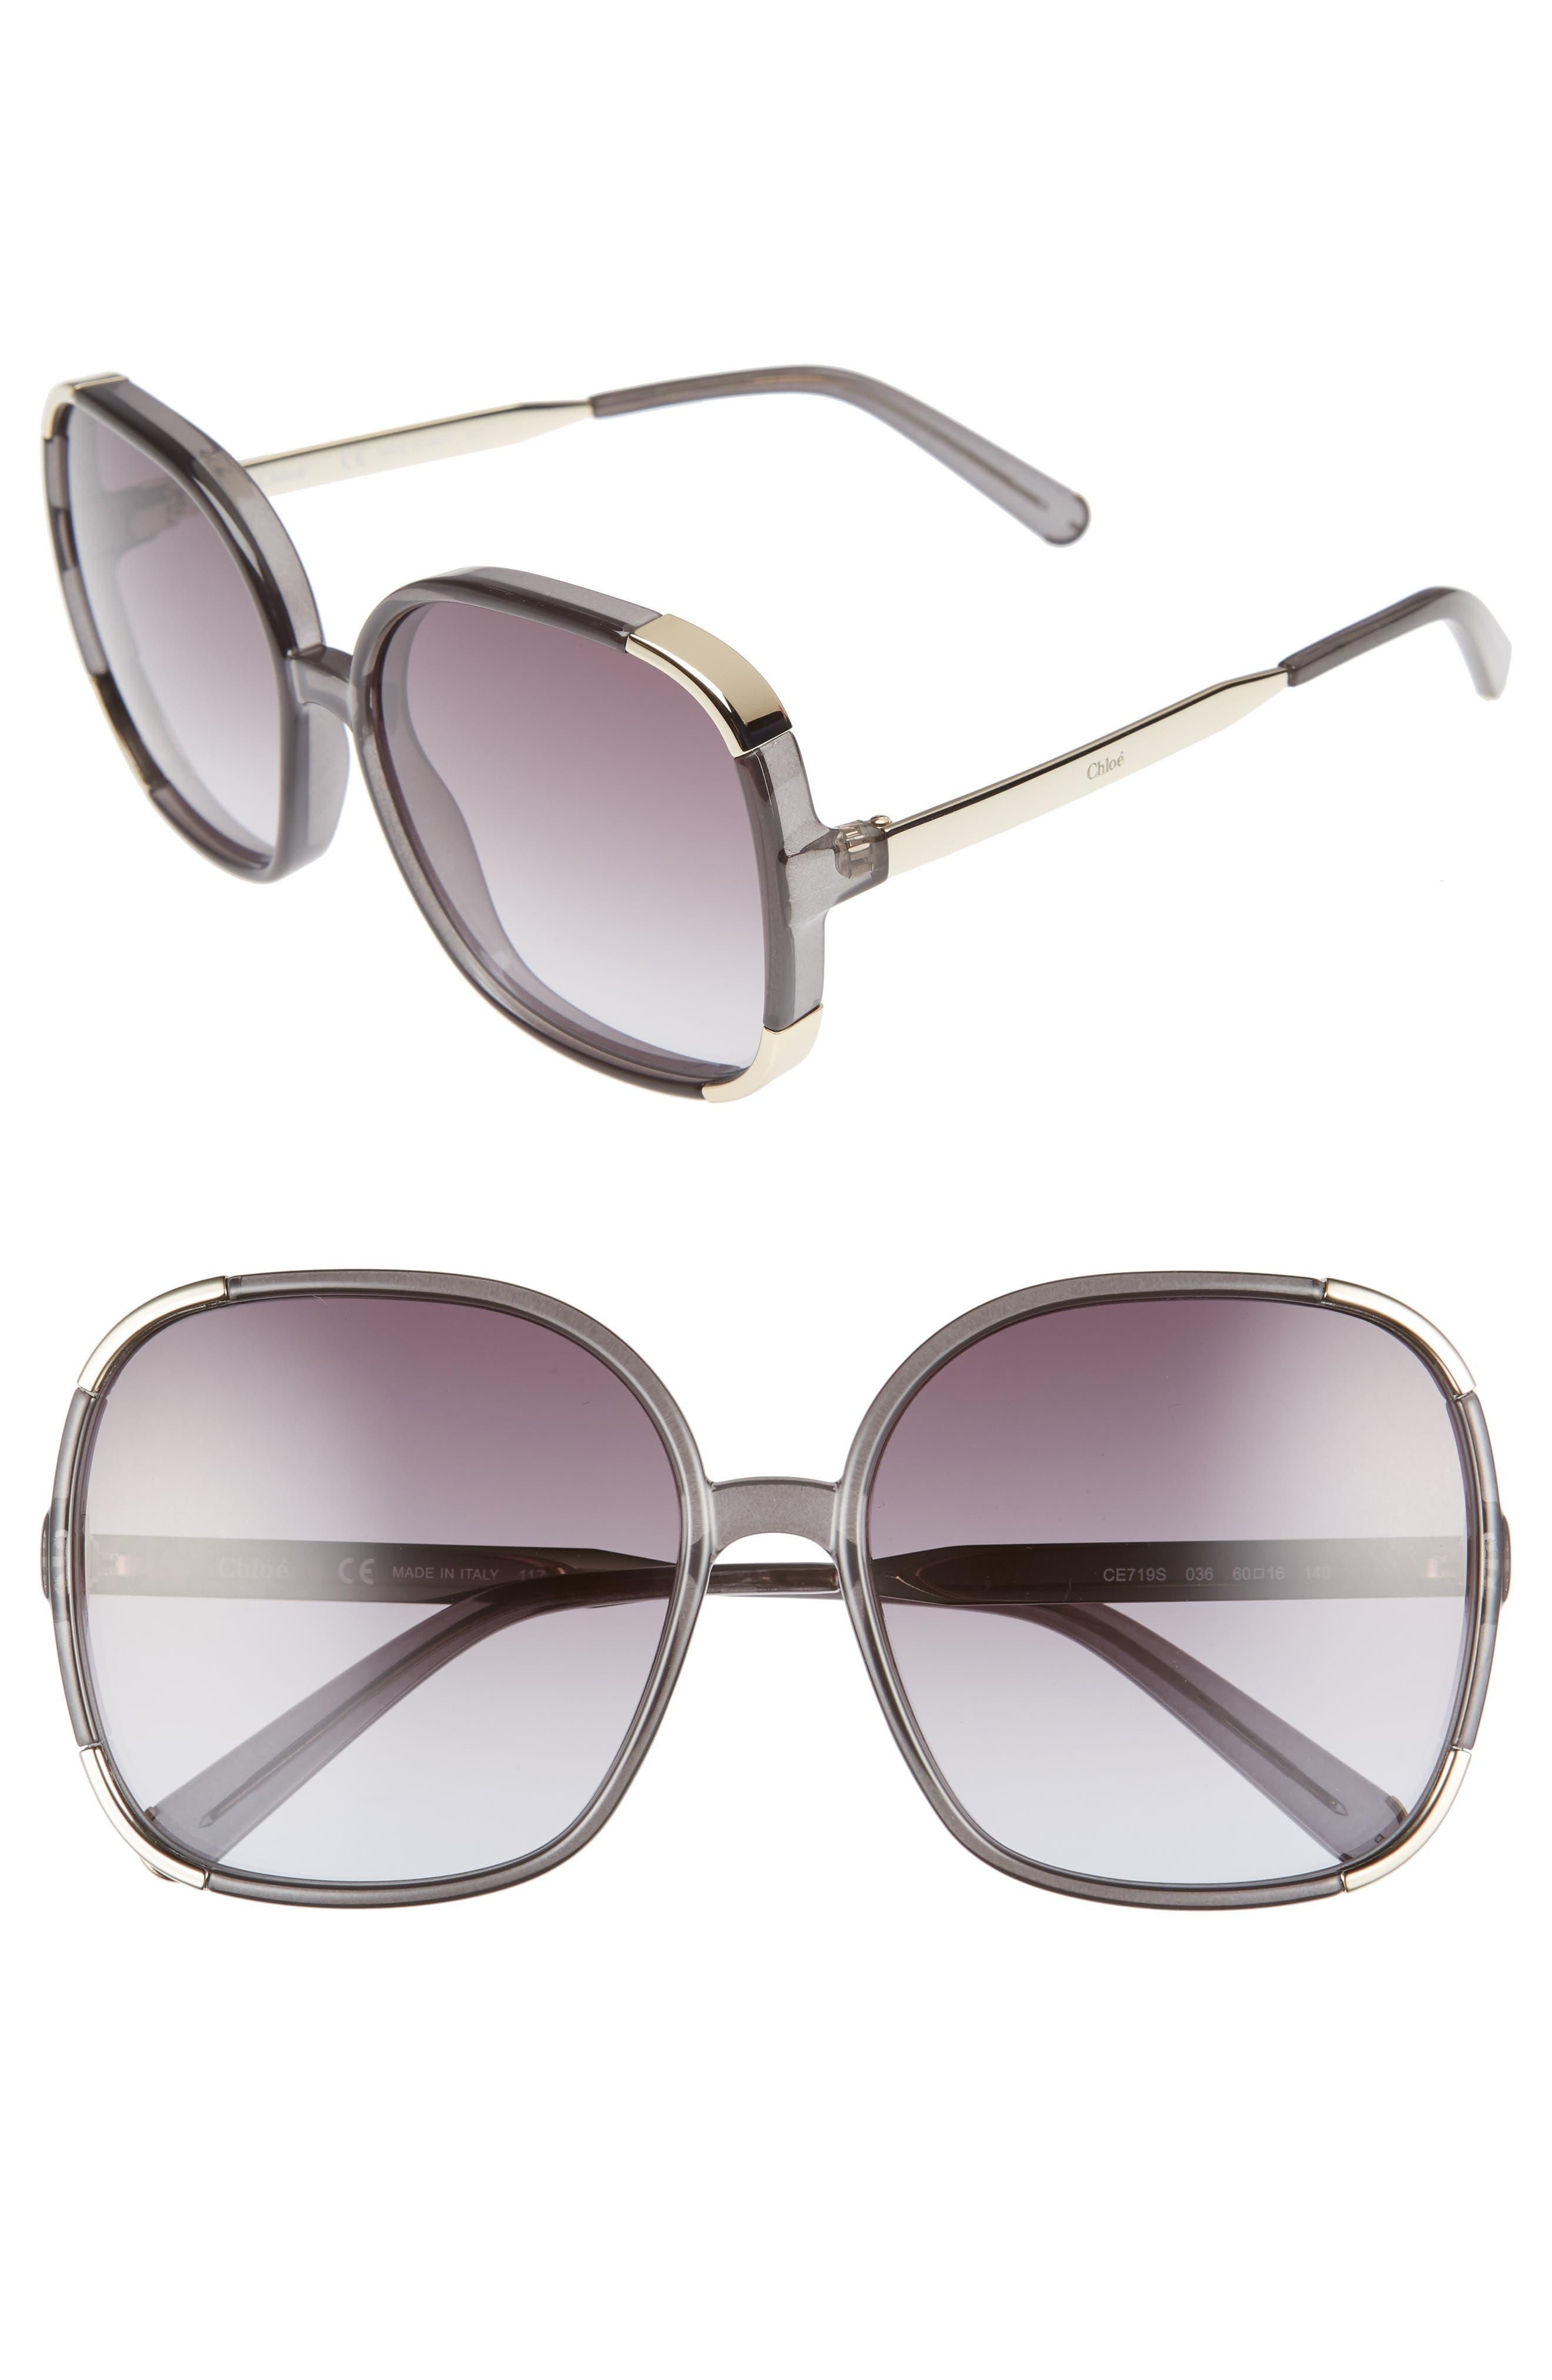 CHLOÉ, Myrte 61mm Gradient Lens Square Sunglasses, Main thumbnail 1, color, 020